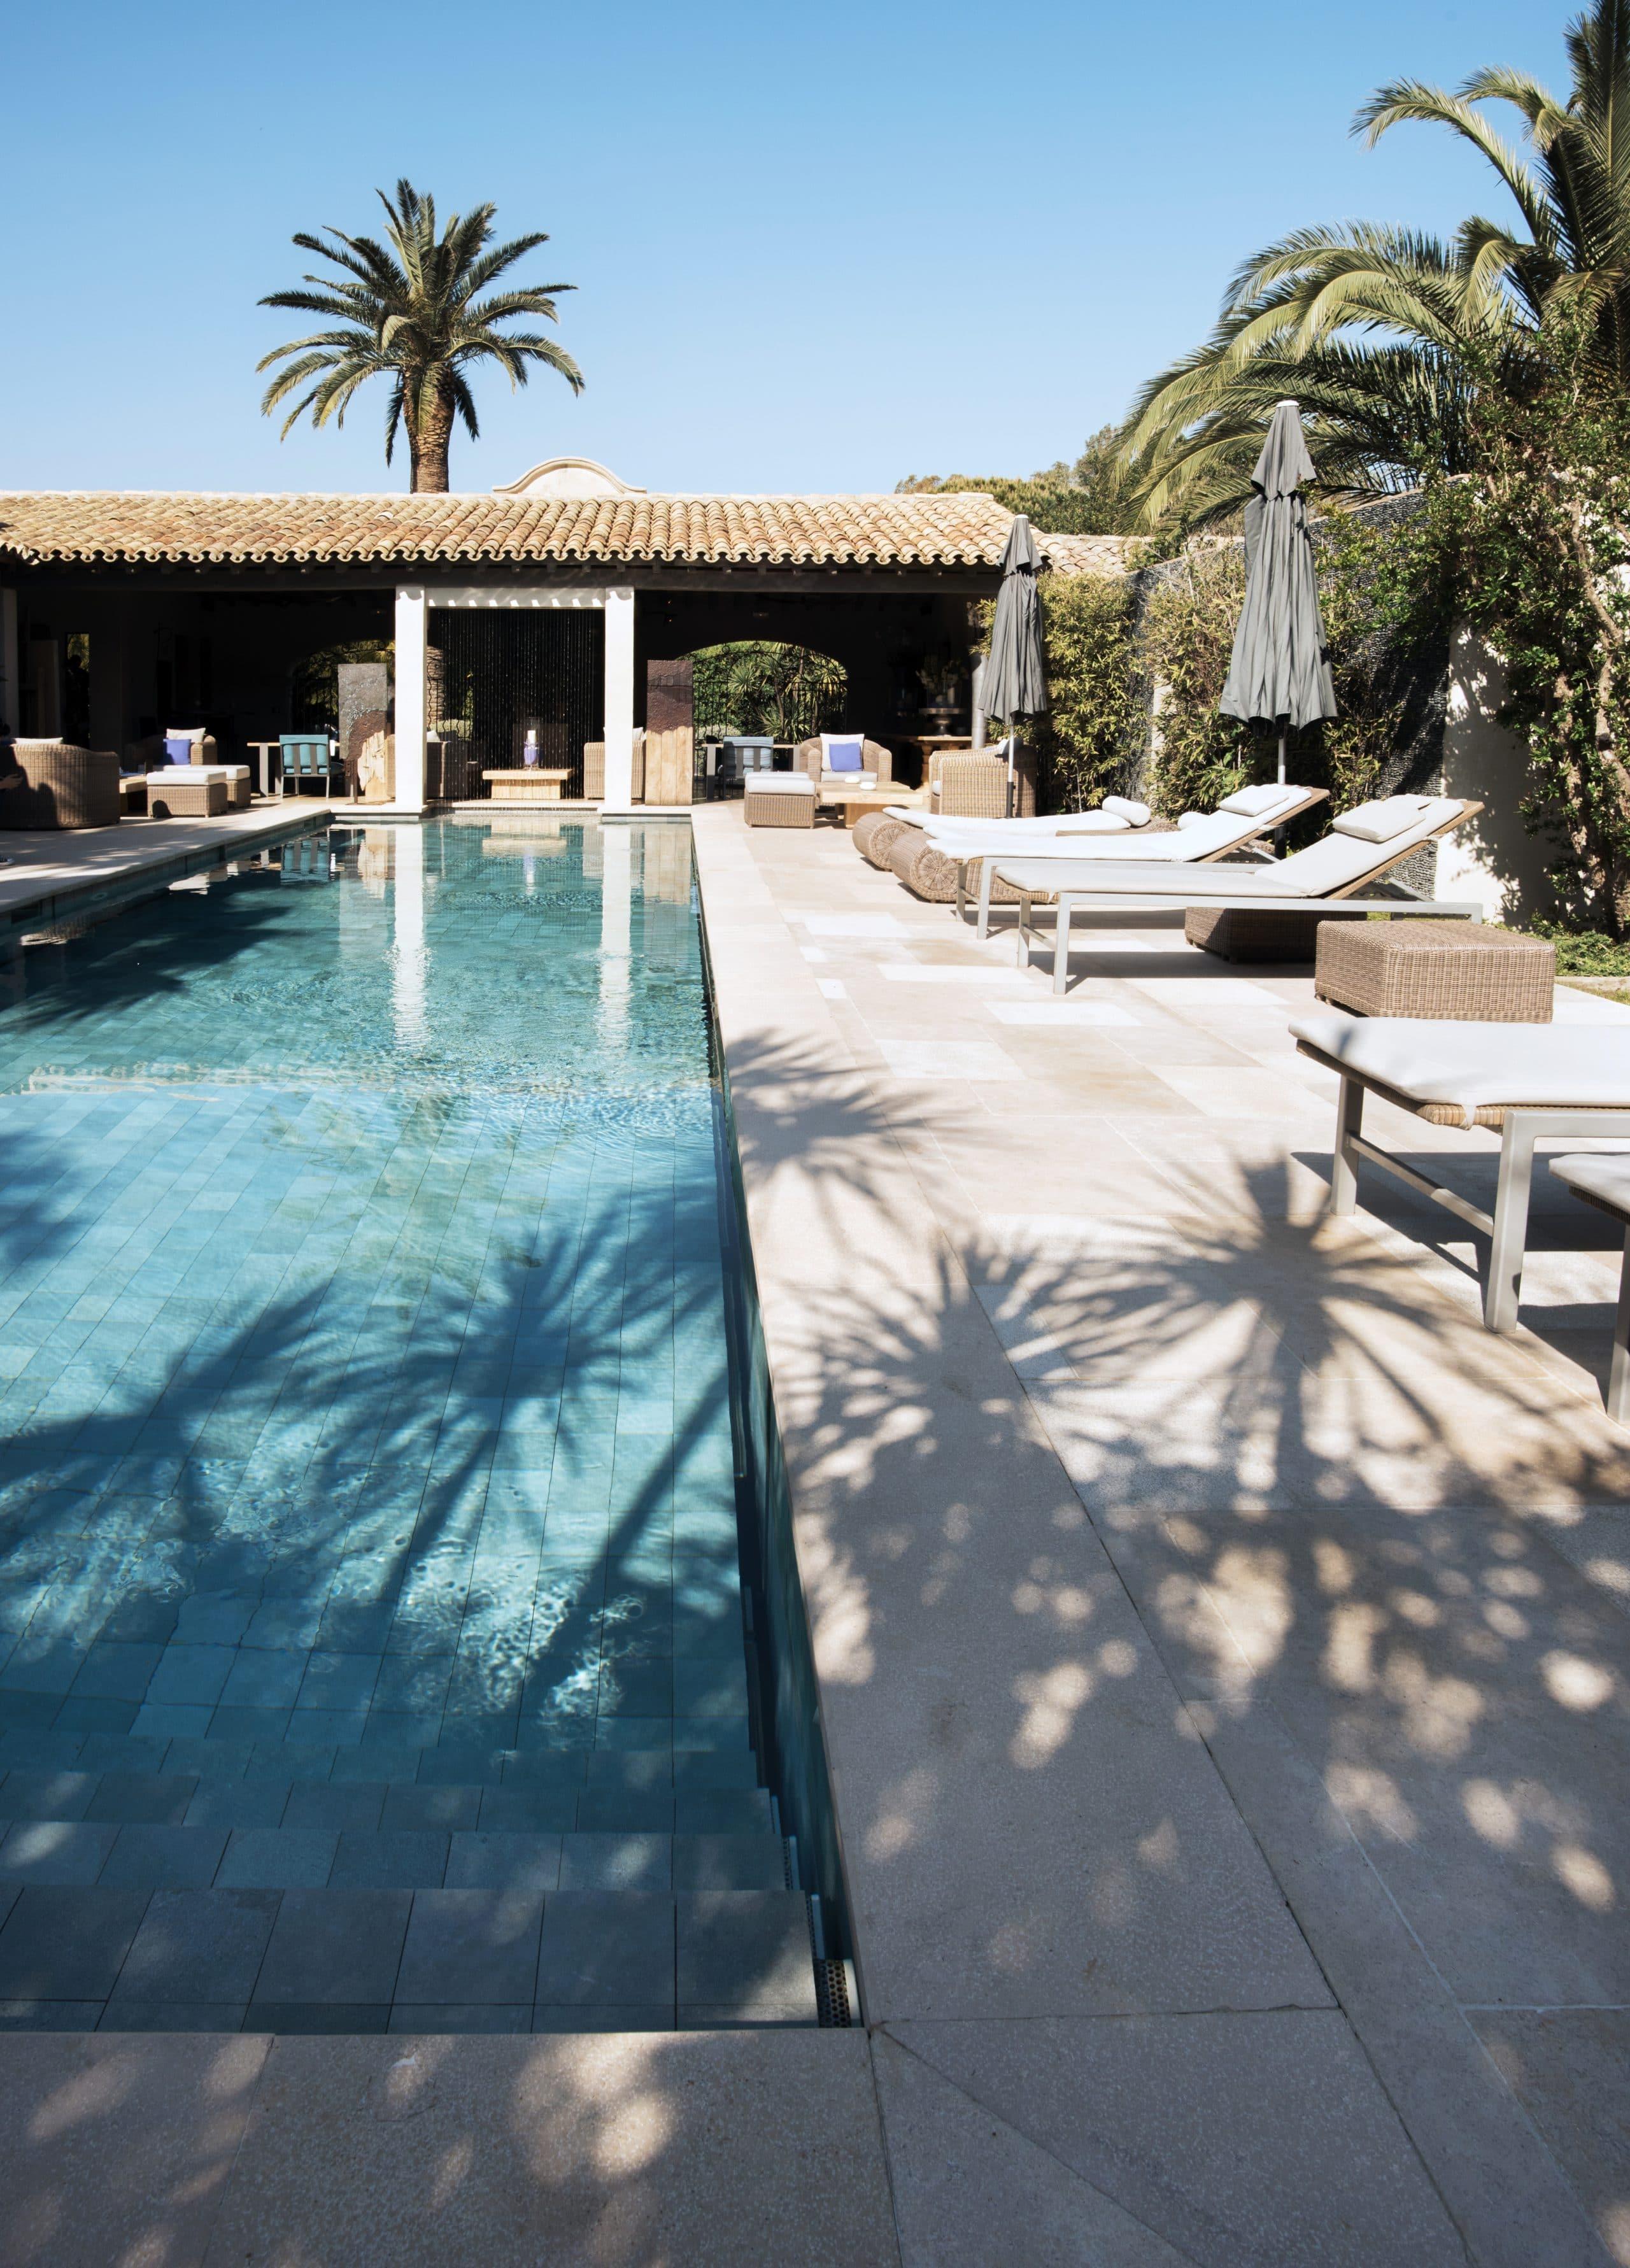 Margelles de piscine en pierre claire et dallage assortis